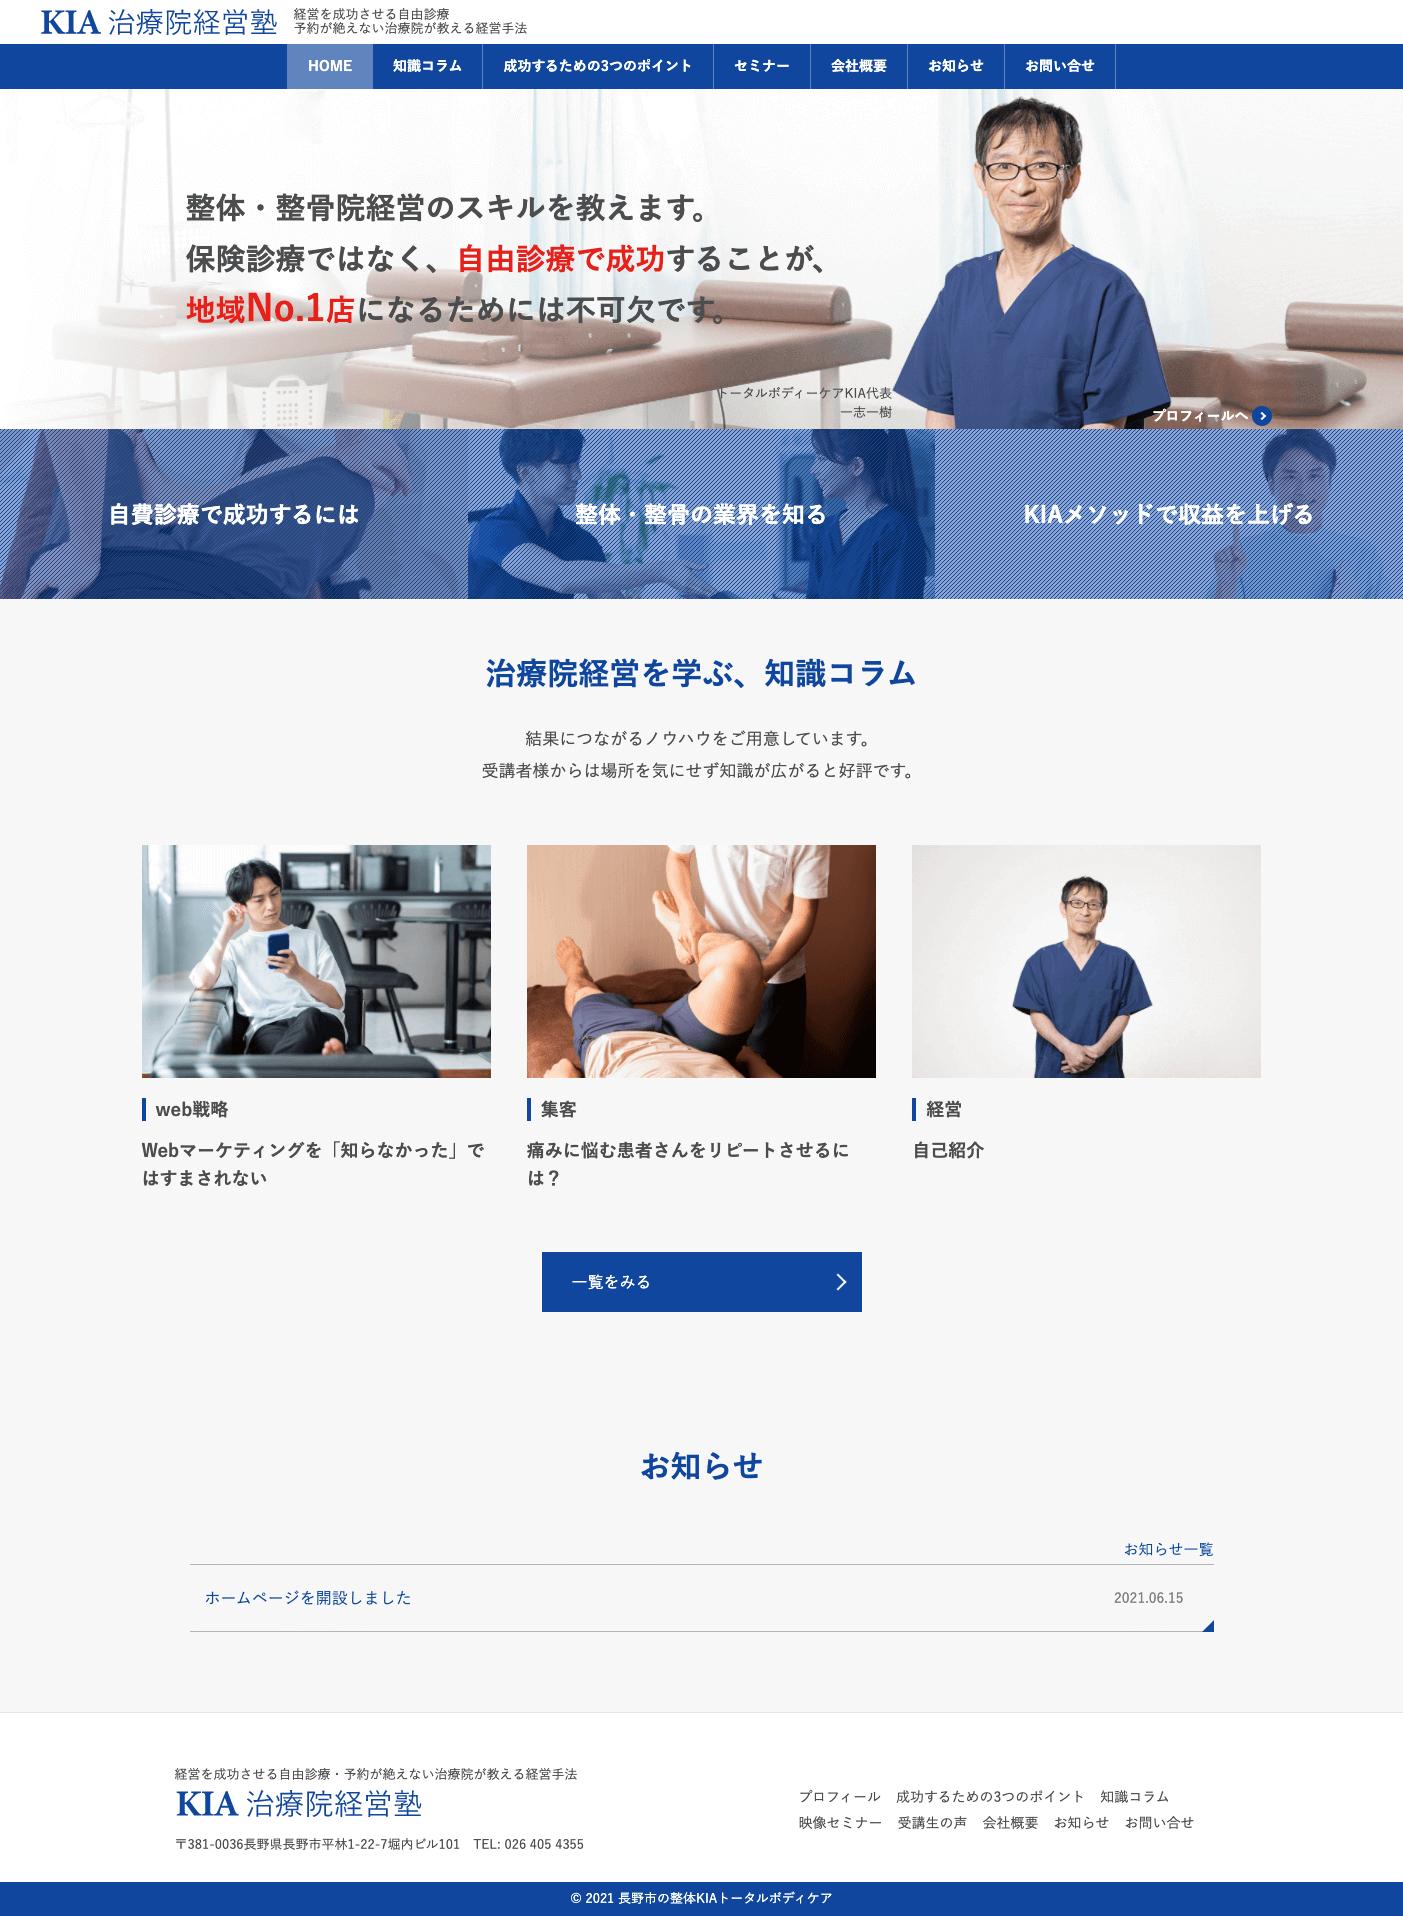 株式会社ケイアイエー 様 KIA治療院経営塾サイトpcイメージ